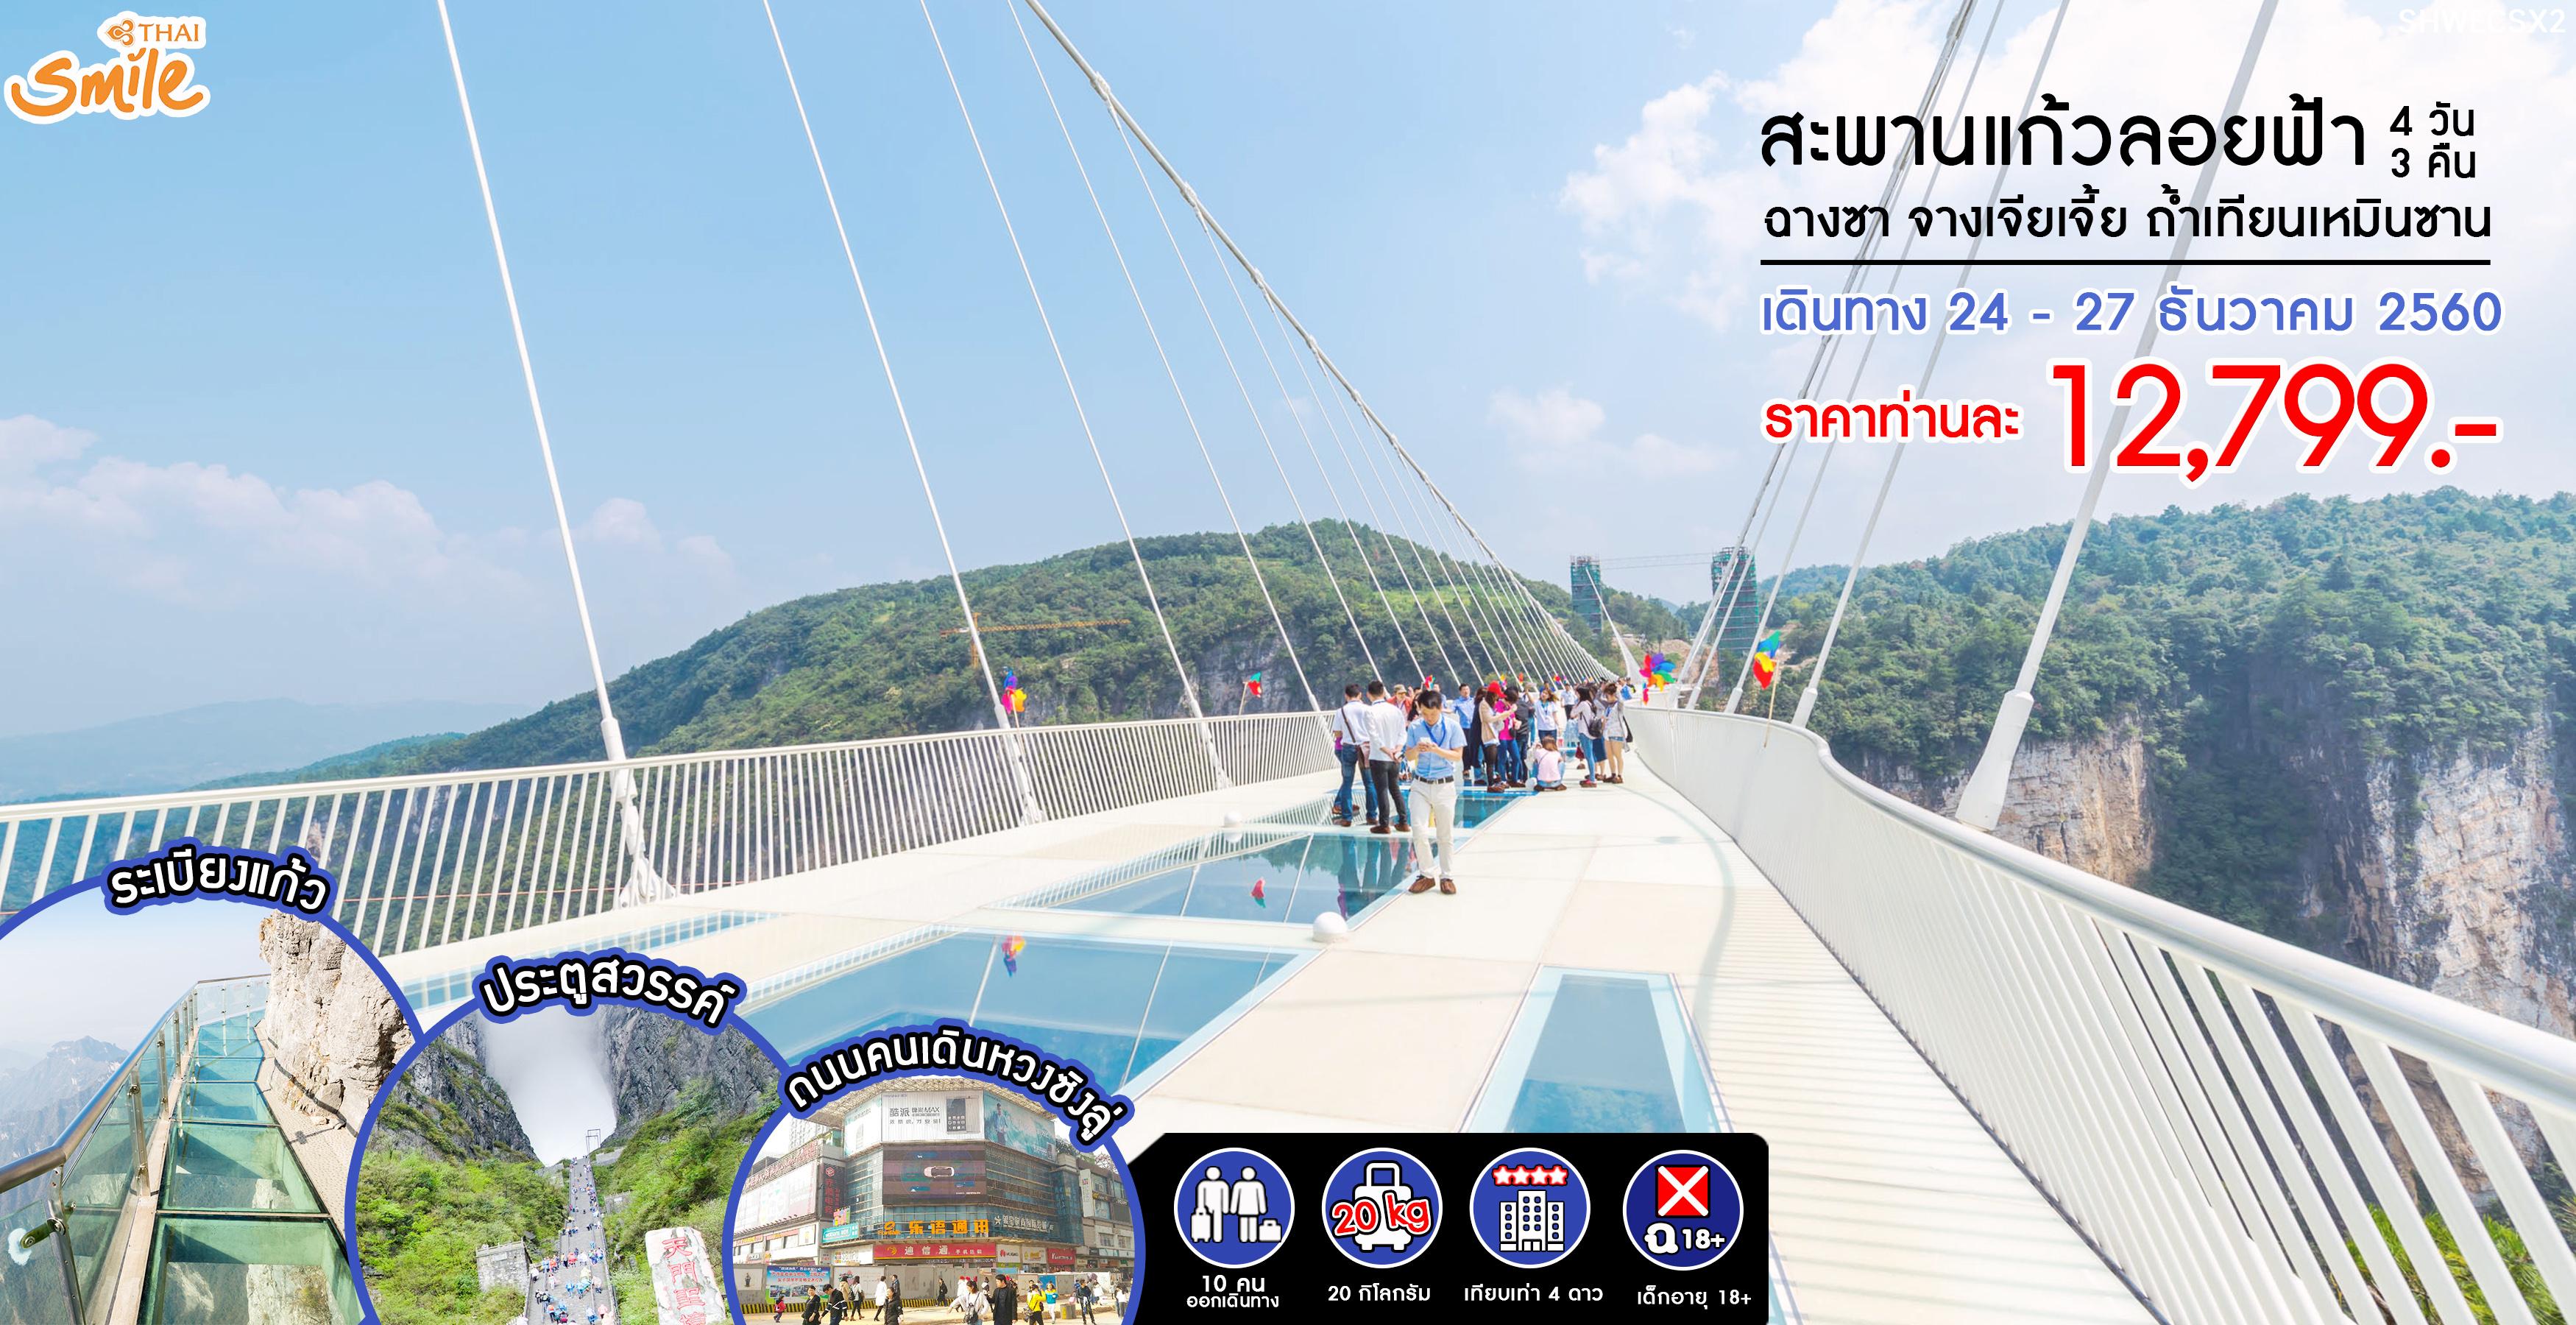 สะพานแก้วลอยฟ้า ฉางซา จางเจียเจี้ย ถ้ำเทียนเหมินซาน 4 วัน 3 คืน (WE)